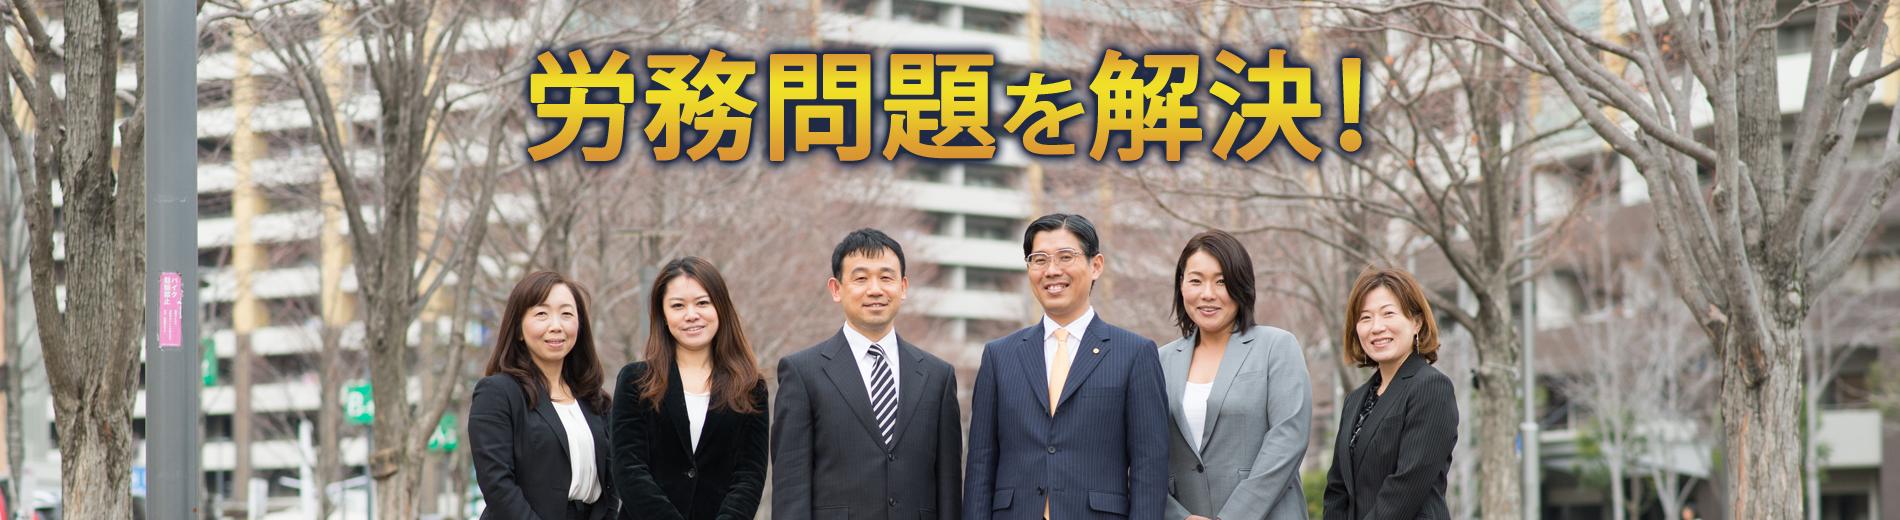 川口 社労士 相談 労務問題を解決ポルテー経営法務